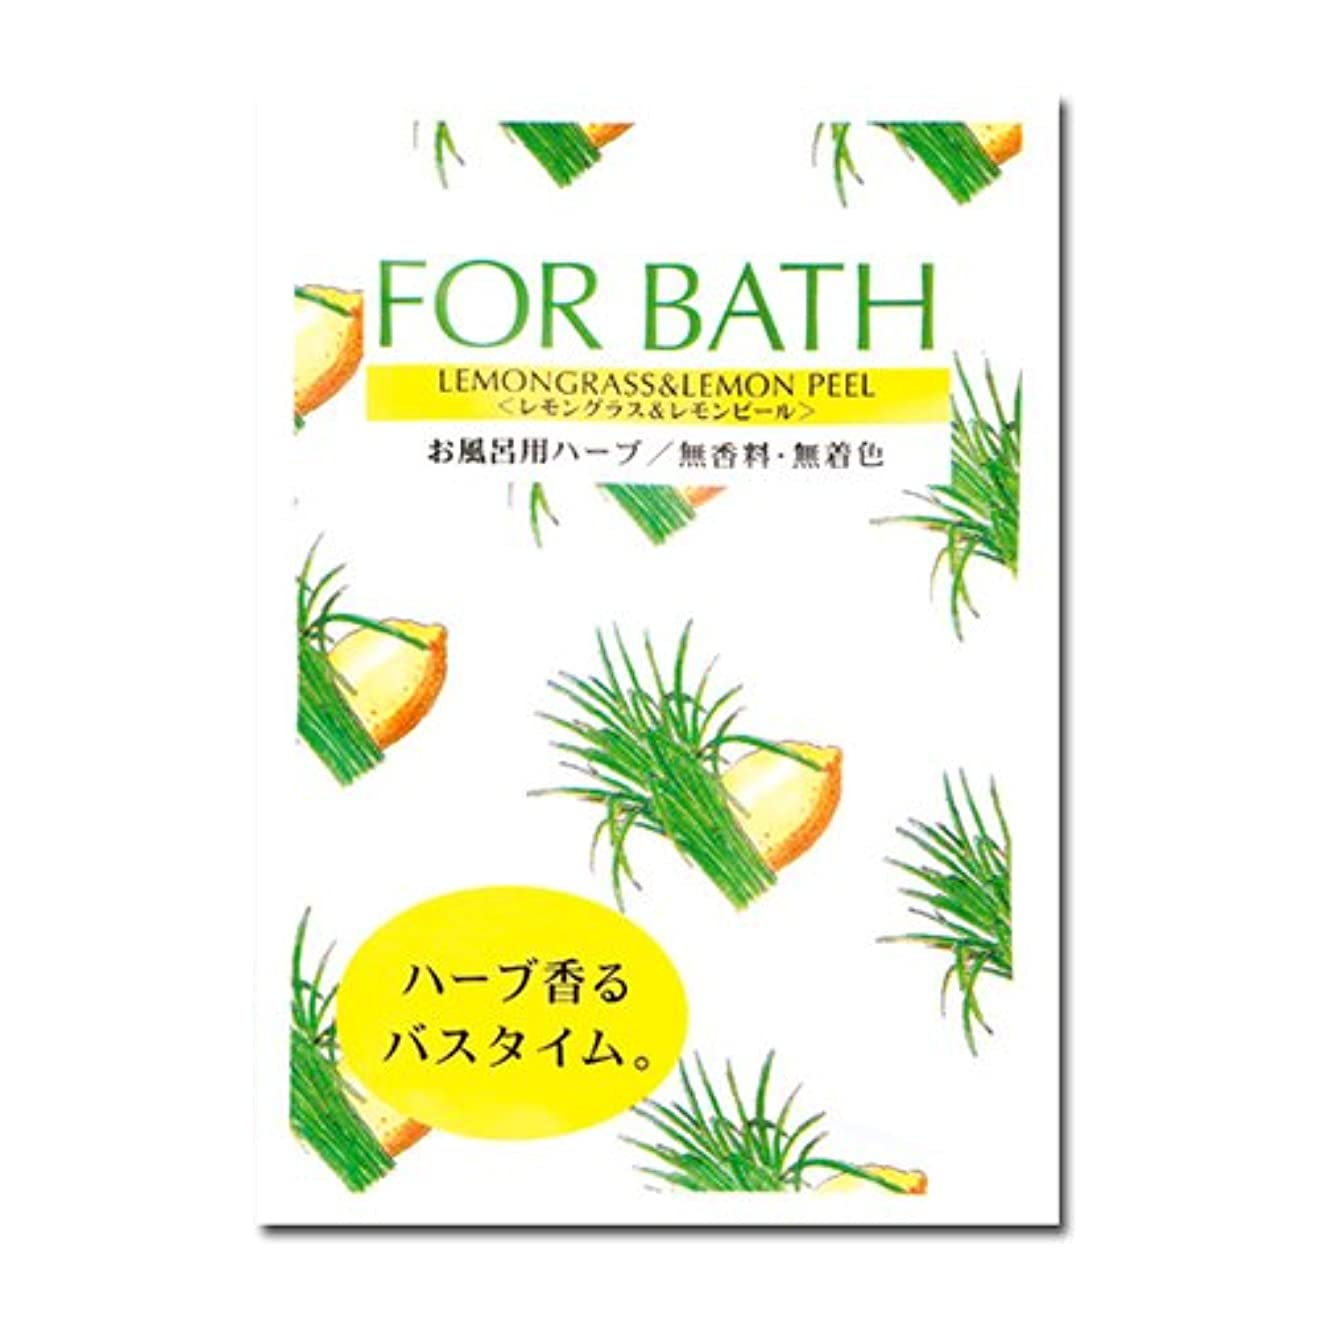 フォアバス レモングラス&レモンピールx30袋[フォアバス/入浴剤/ハーブ]